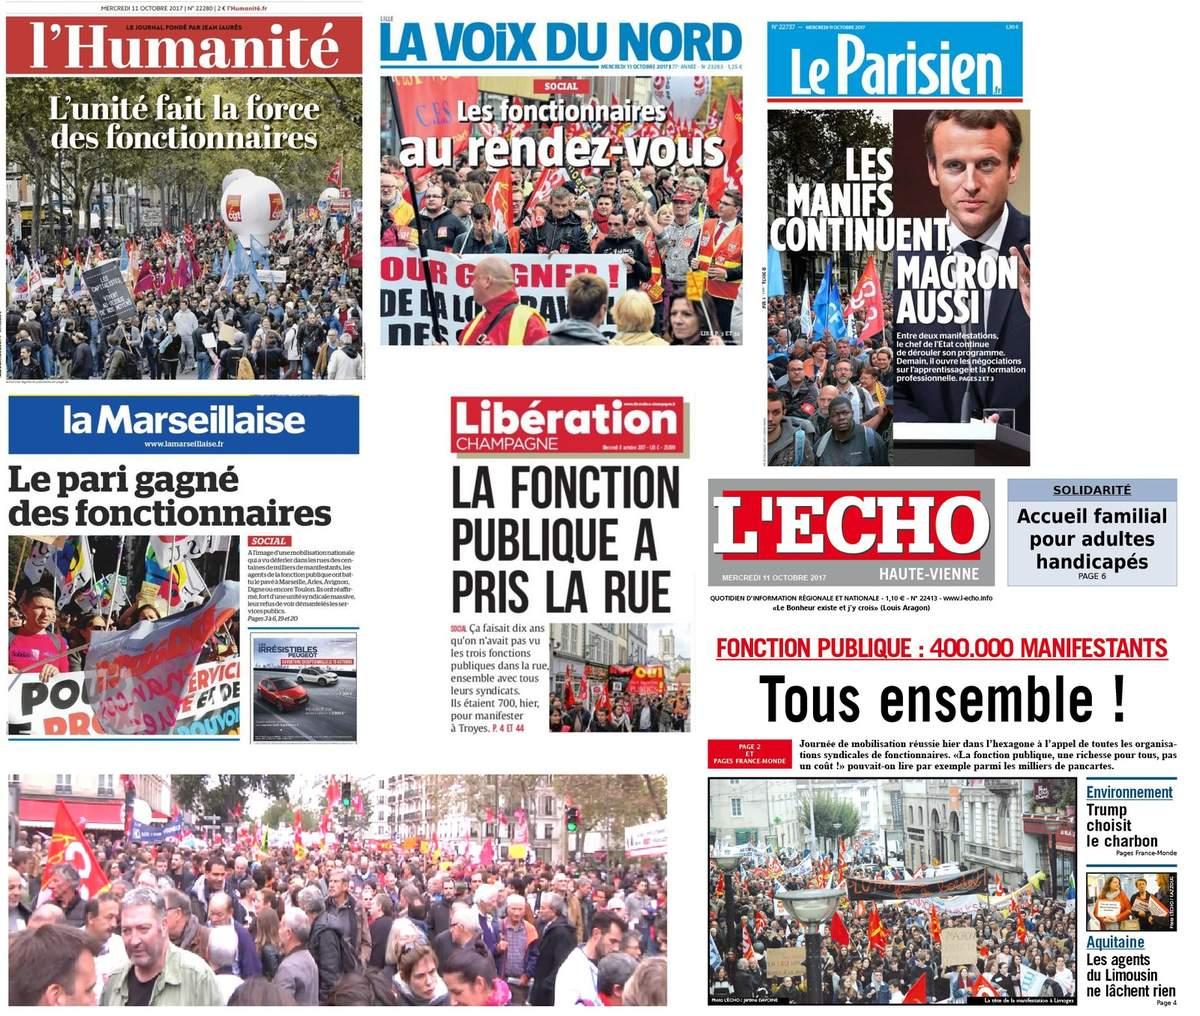 FONCTION PUBLIQUE : Quoique que dise Macron, la mobilisation du 10 octobre est une réussite . Elle ne doit pas rester sans lendemains